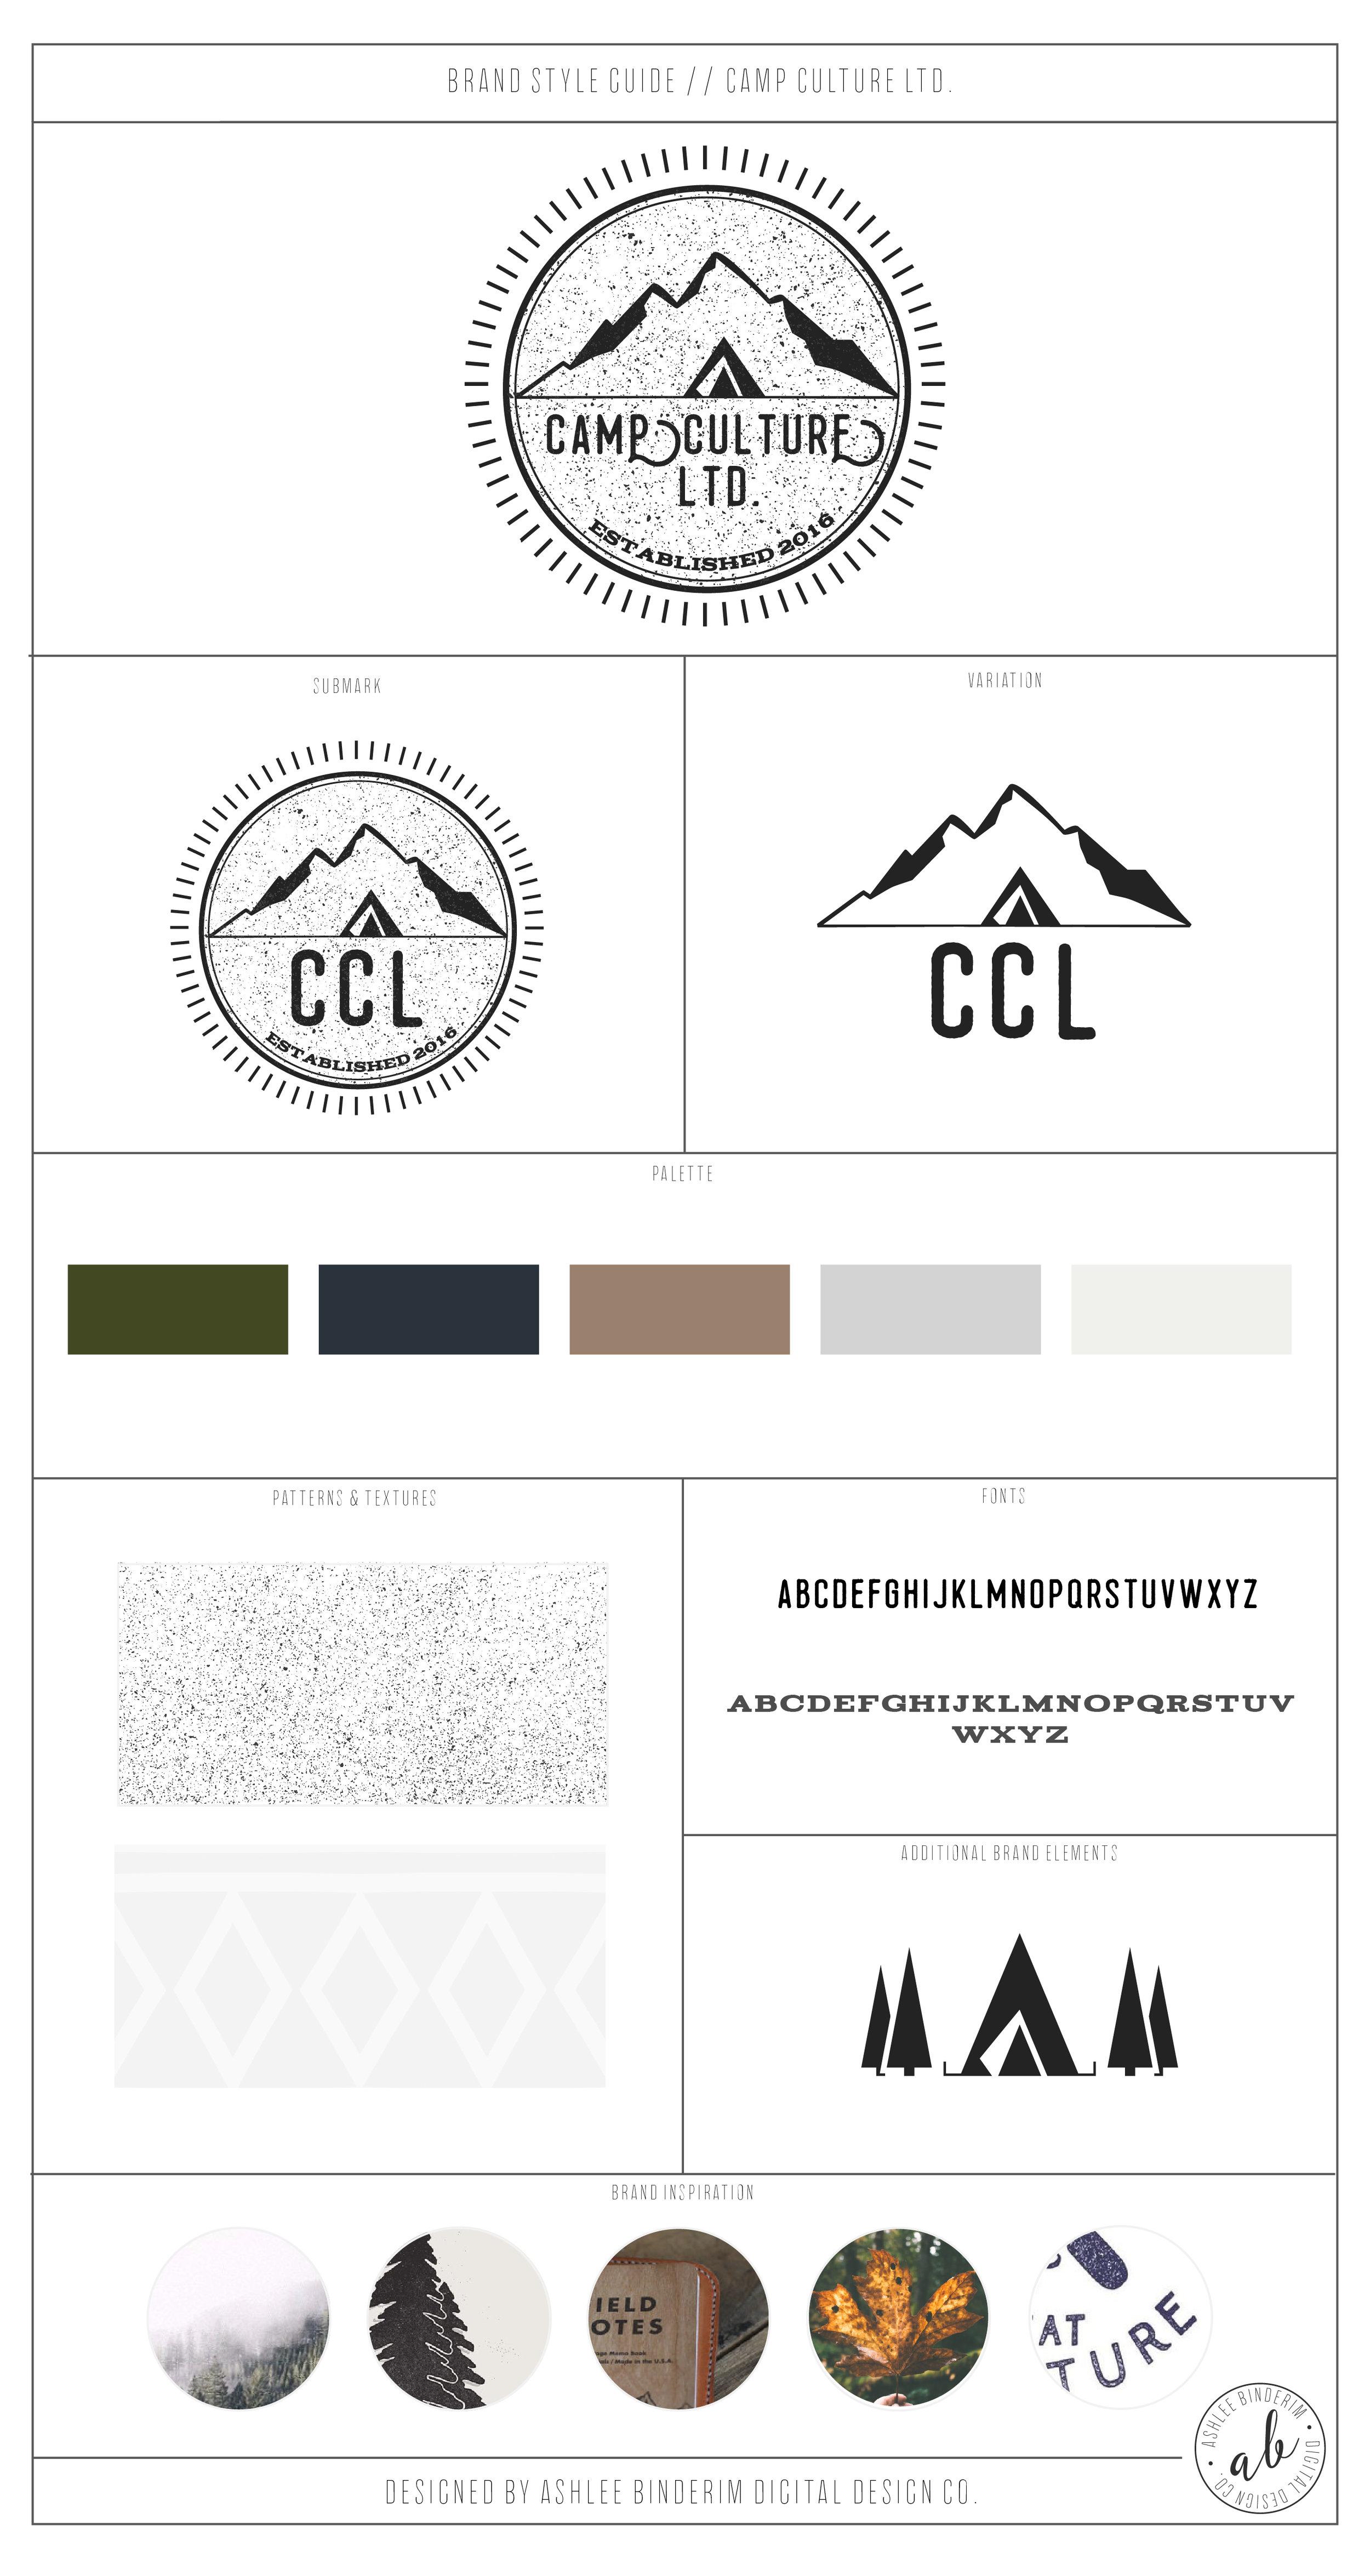 Brand Style Guide - Camp Culture LTD.